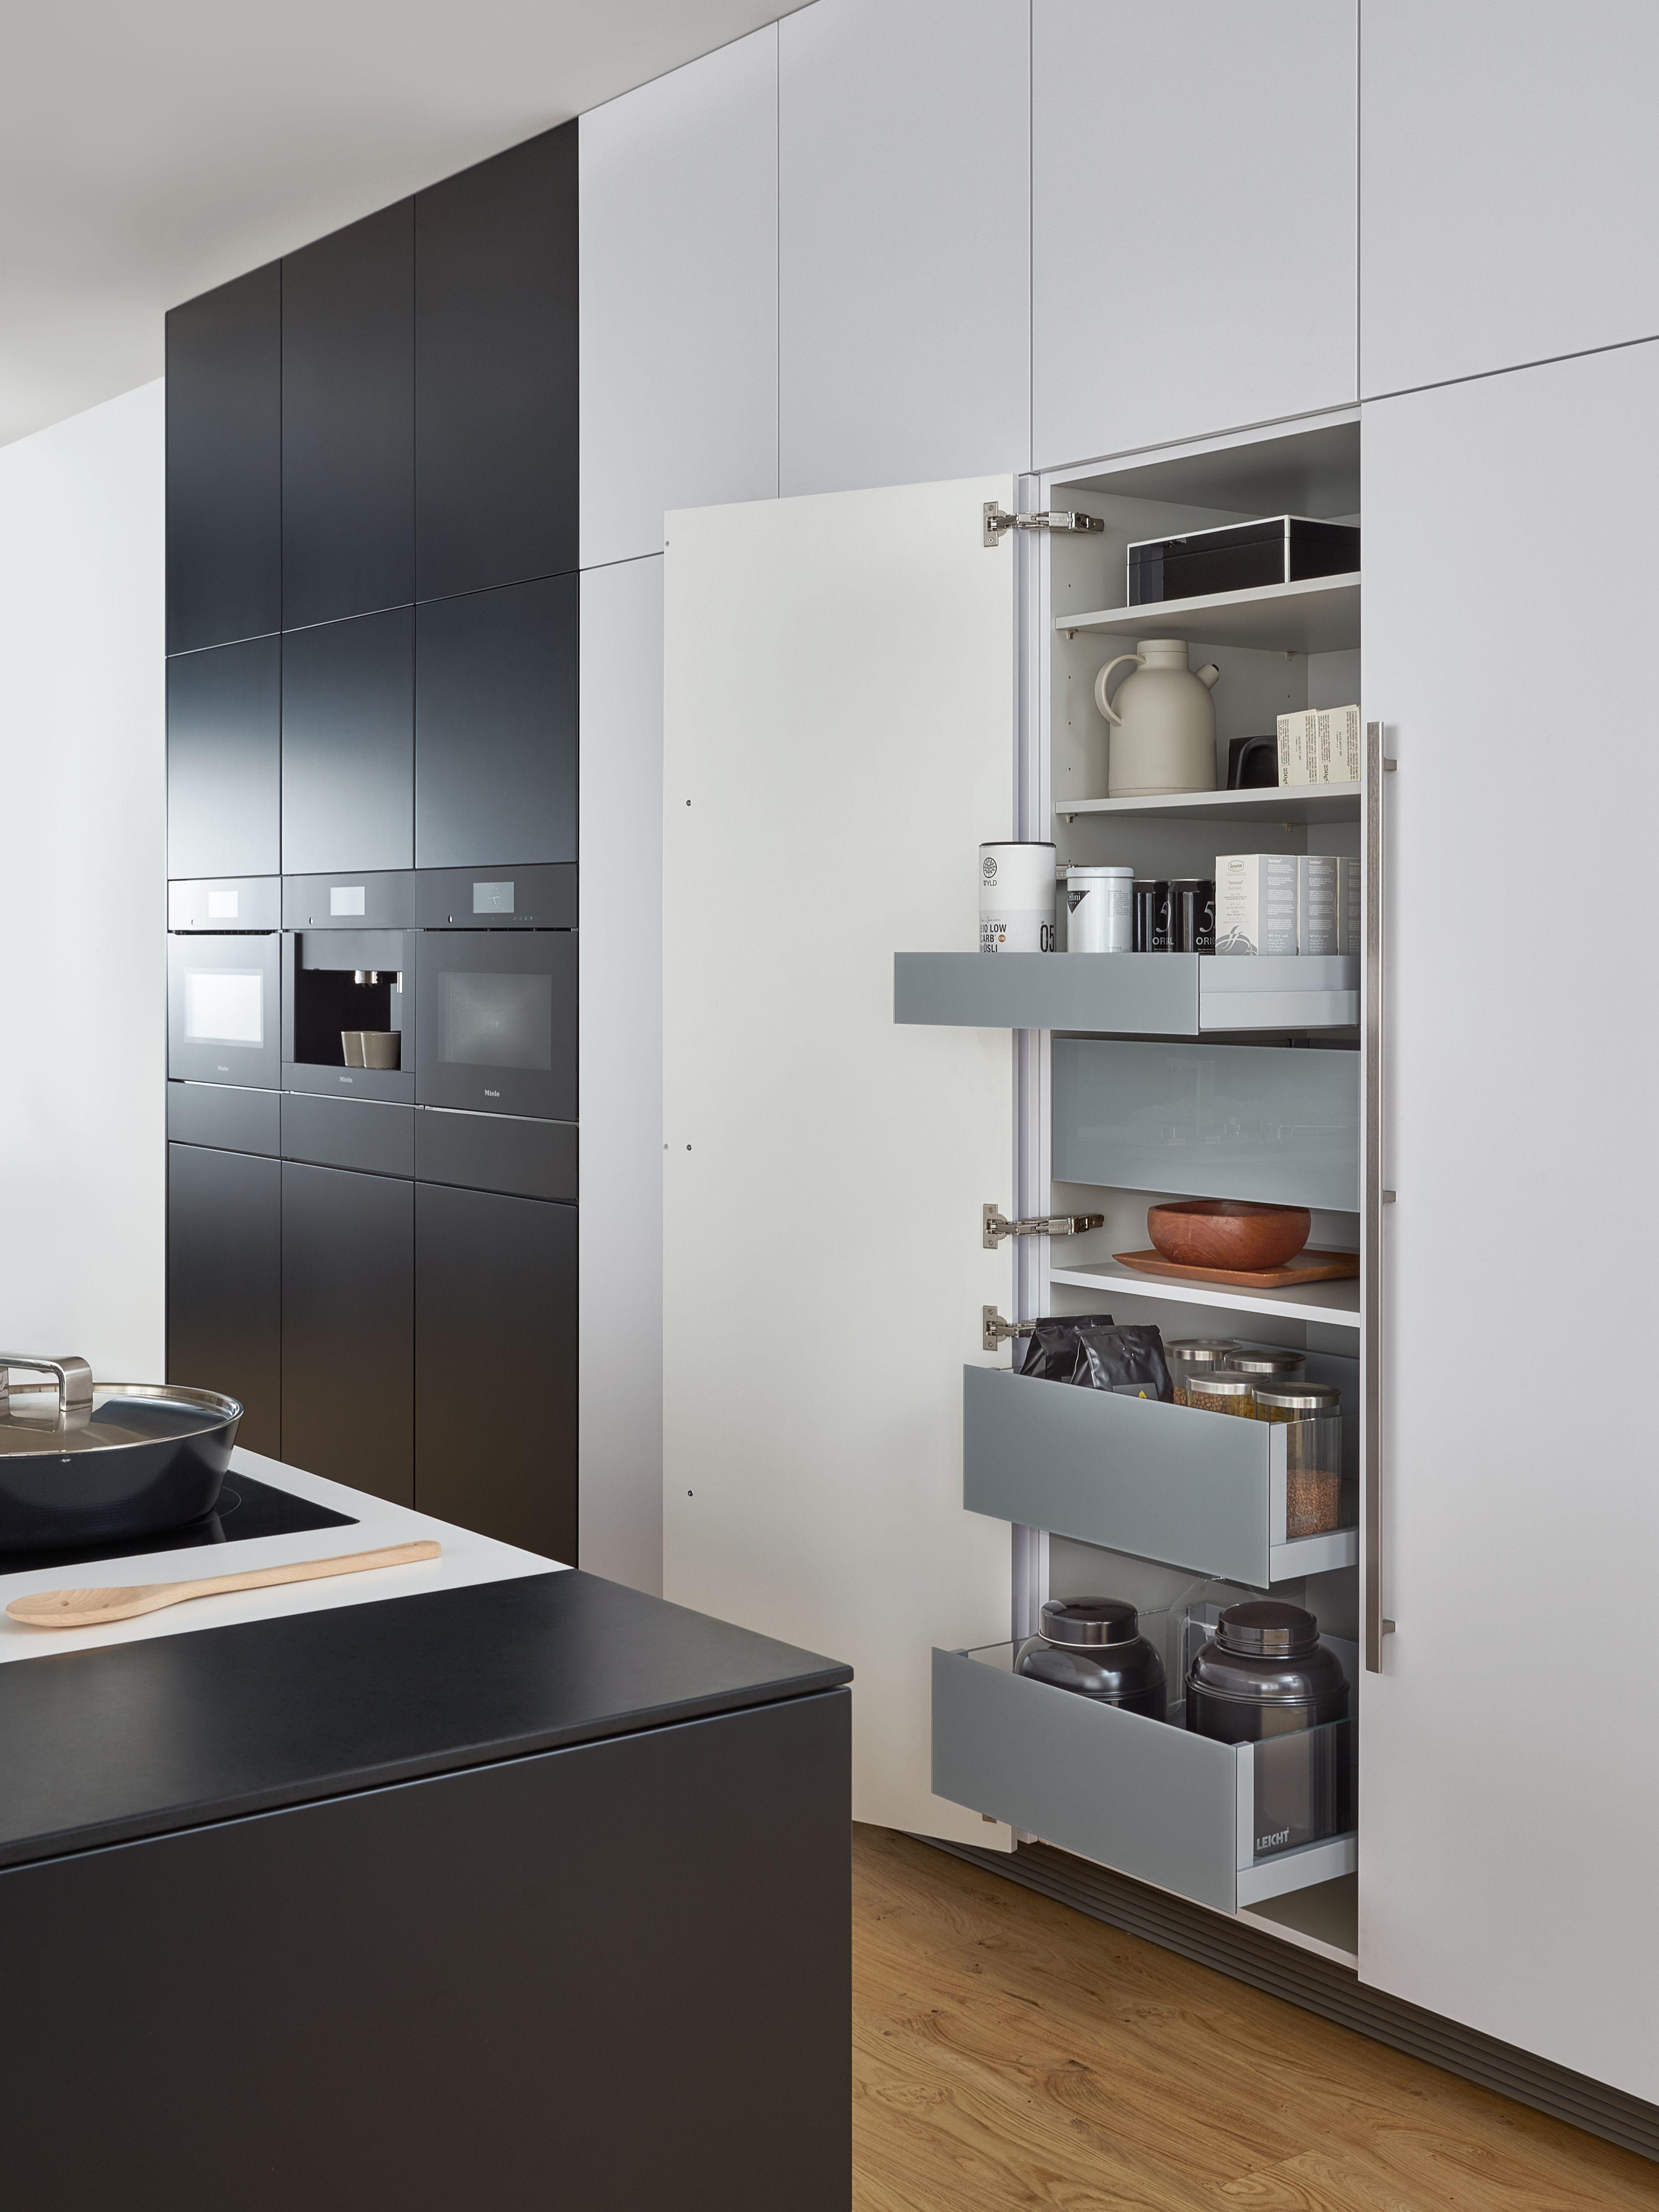 warum bei küchenschränken auf die qualität geachtet werden sollte ... - Schubladen Für Küchenschränke